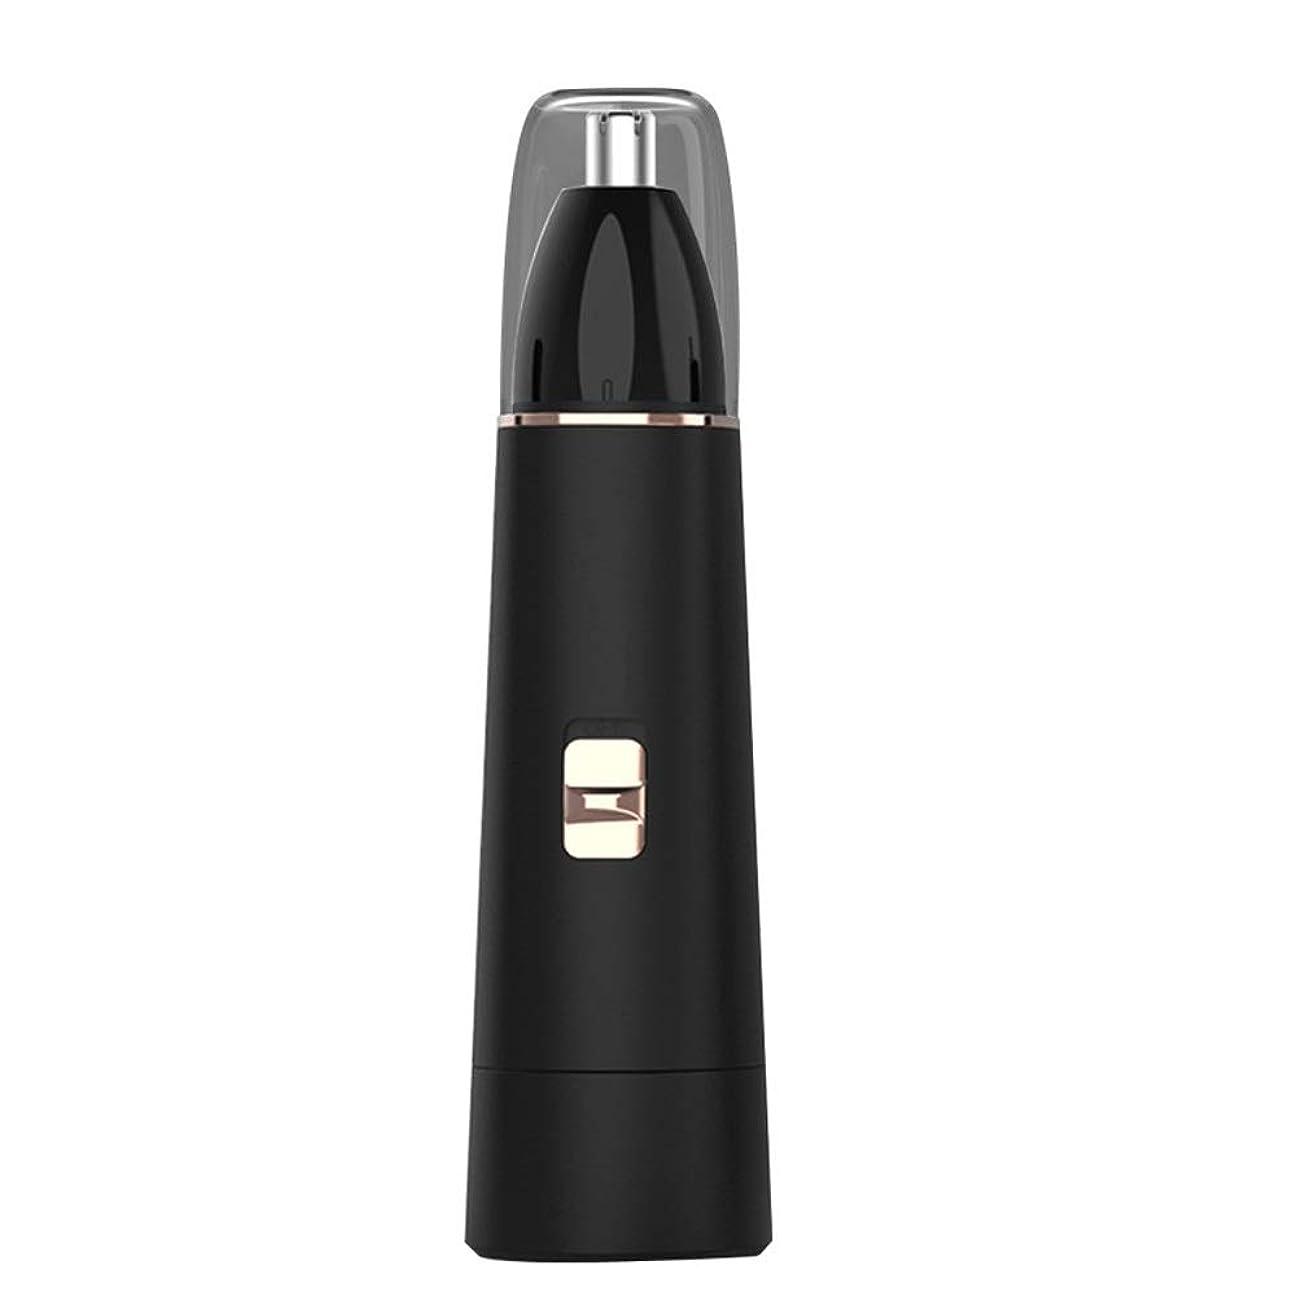 ただ強風直面する鼻毛トリマー-USB充電式電動鼻毛トリマー/ABS素材/多機能 持つ価値があります